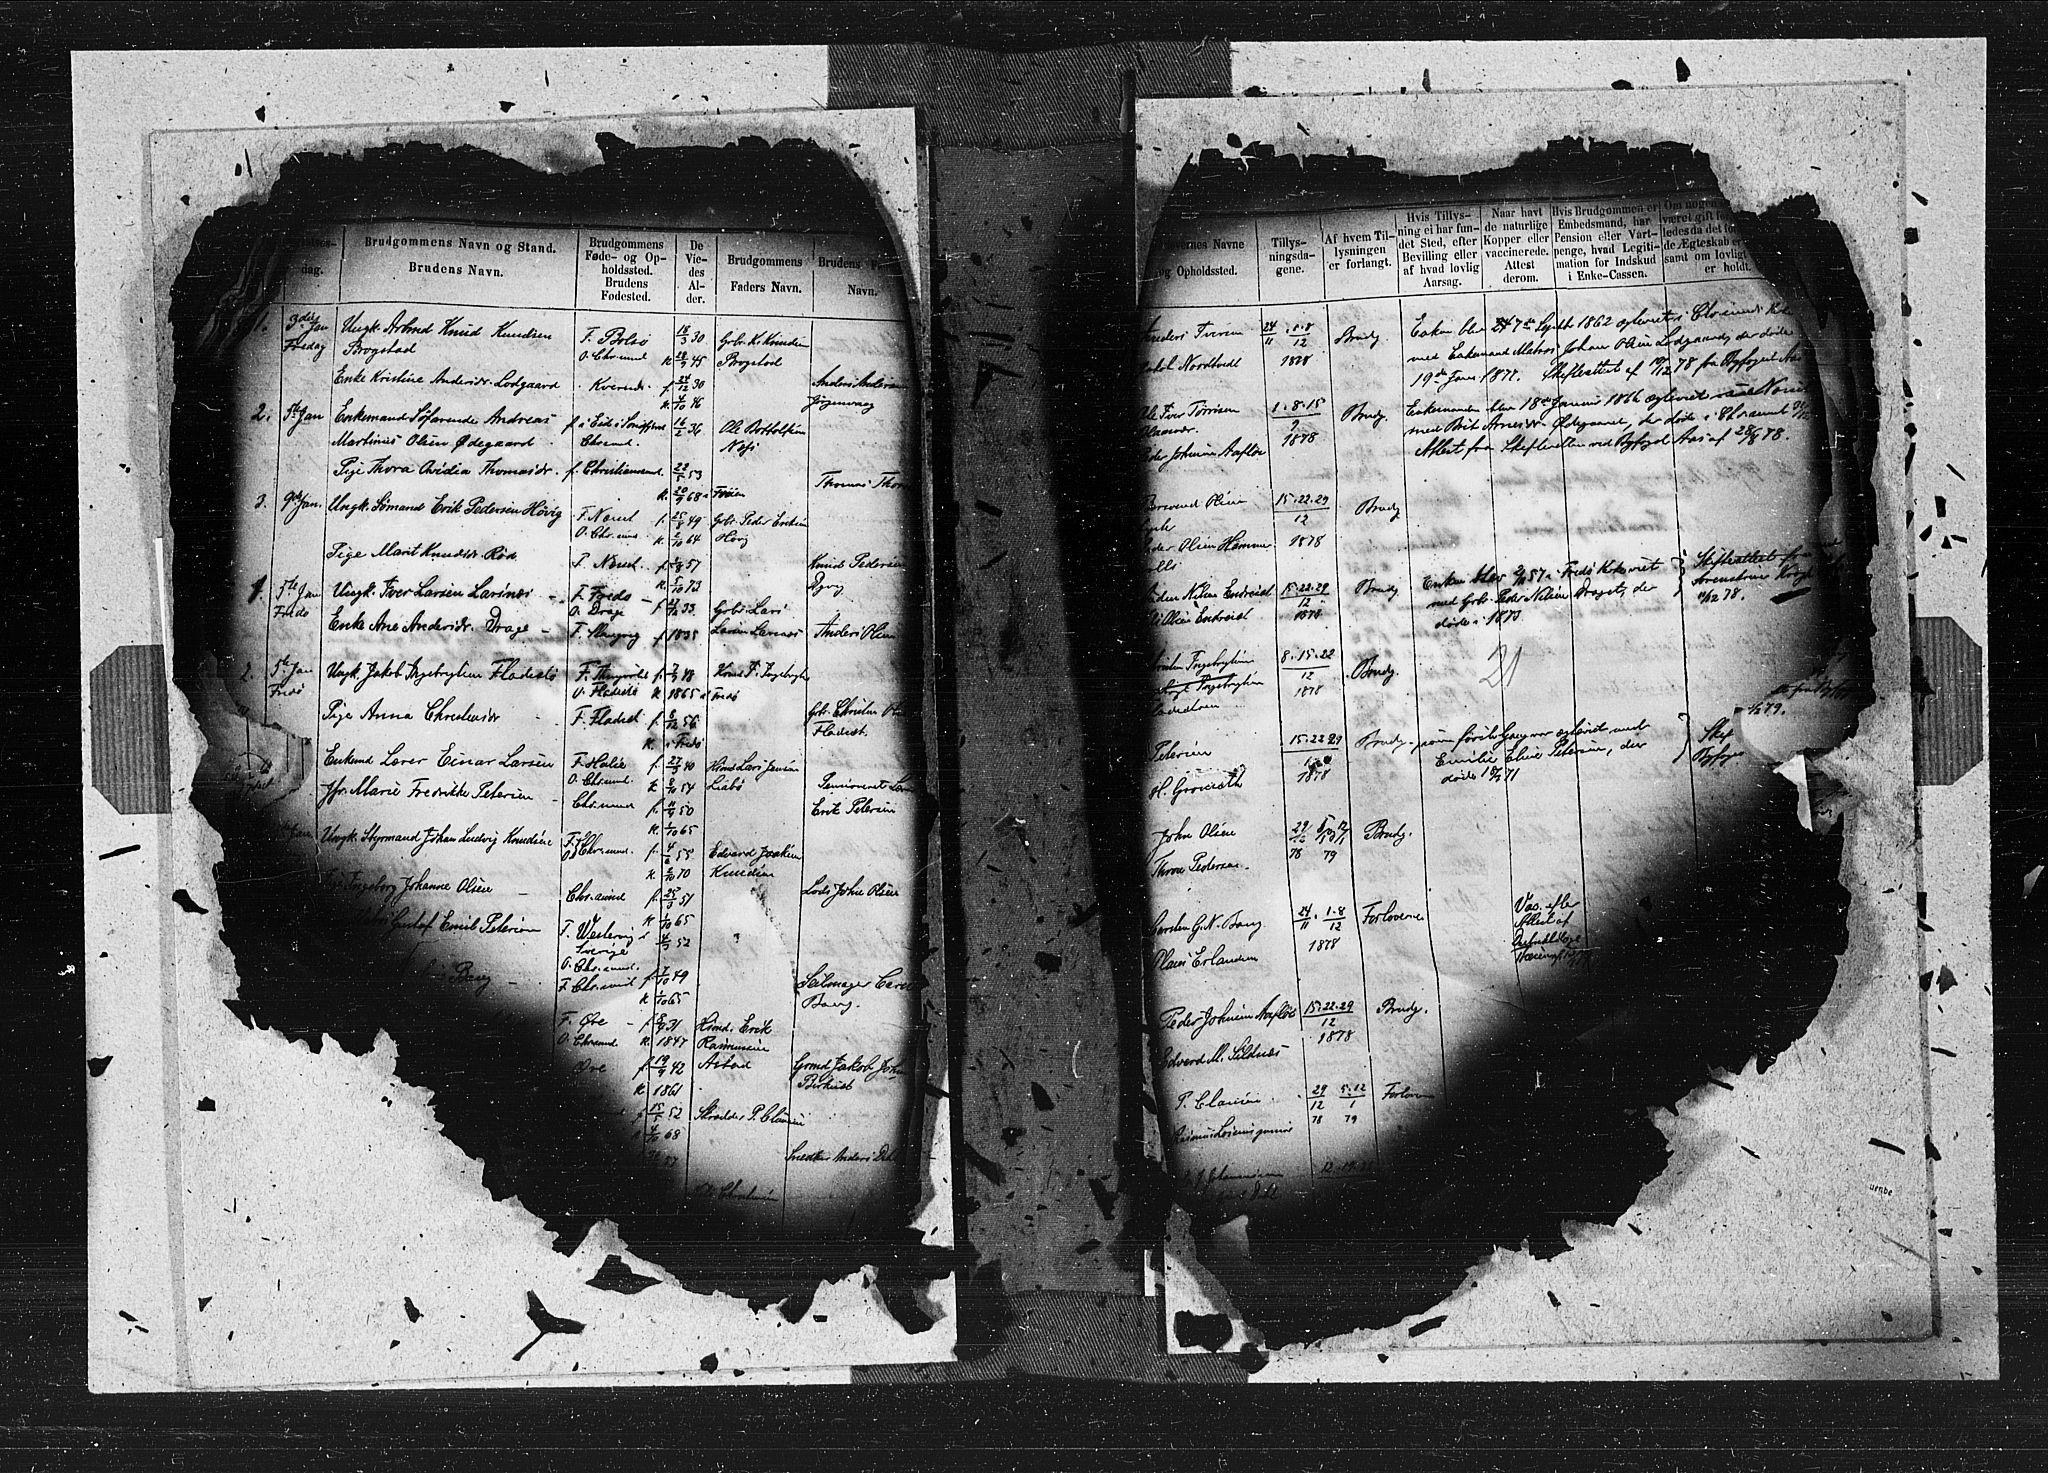 SAT, Ministerialprotokoller, klokkerbøker og fødselsregistre - Møre og Romsdal, 572/L0849: Ministerialbok nr. 572A12, 1877-1879, s. 21